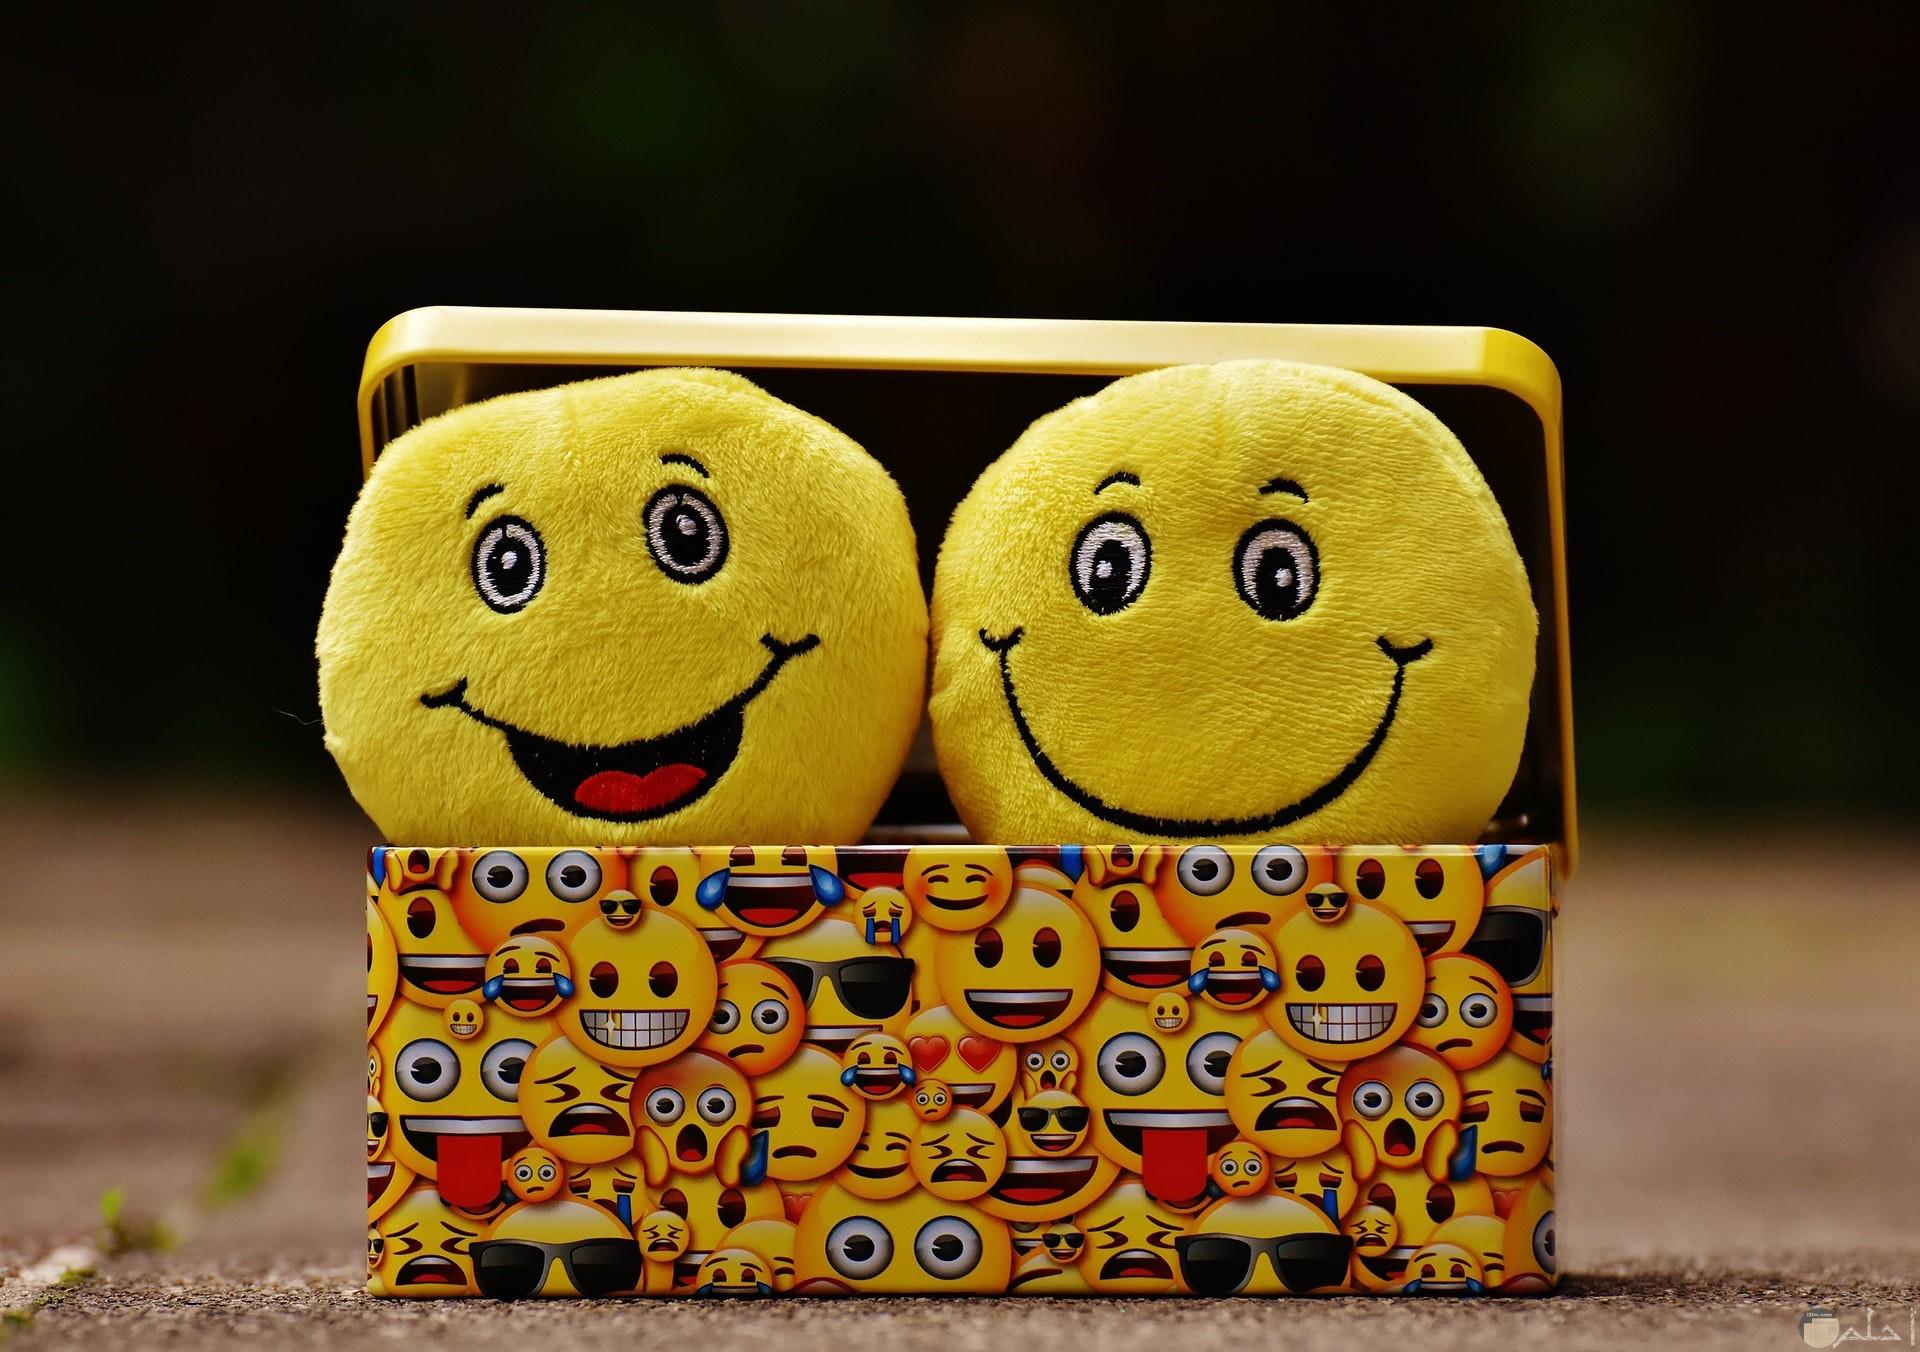 صورة جميلة لمجموعة الإيموجي المختلفة مجتمعة معا علي الصندوق وداخل الصندوق إتنين إيموجي مبتسم وضاحك